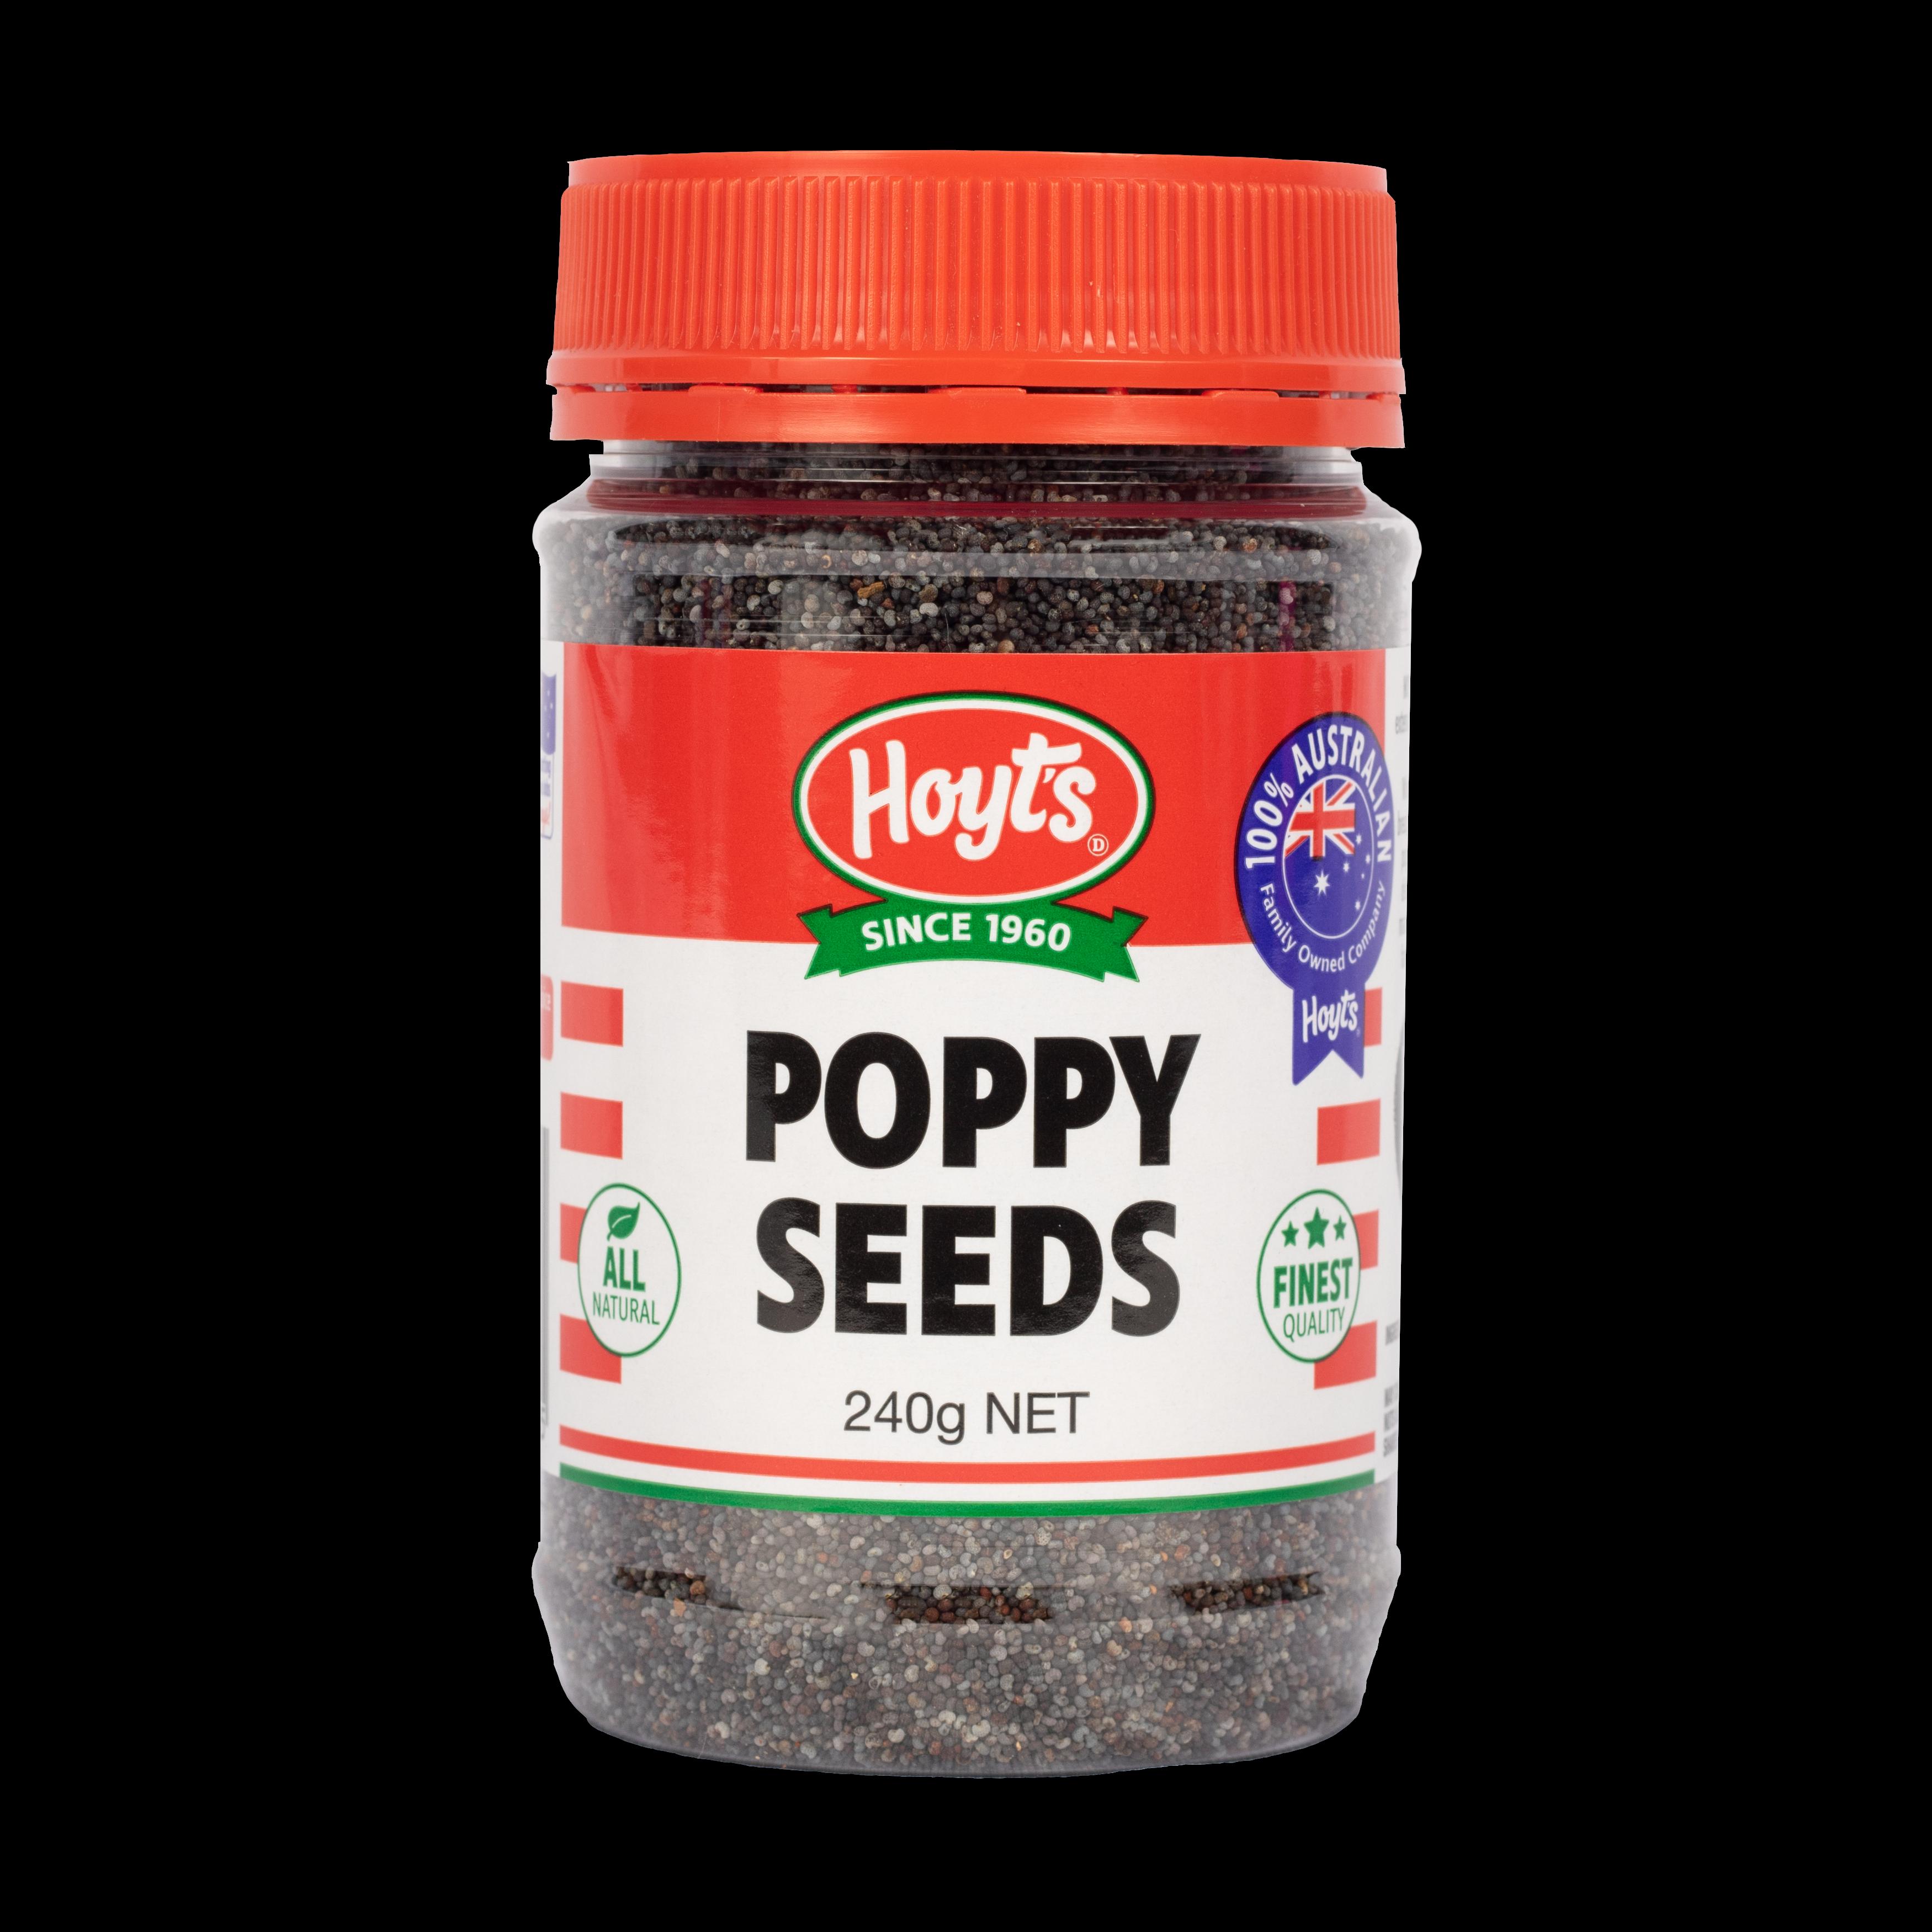 Hoyts Poppy Seeds 240g